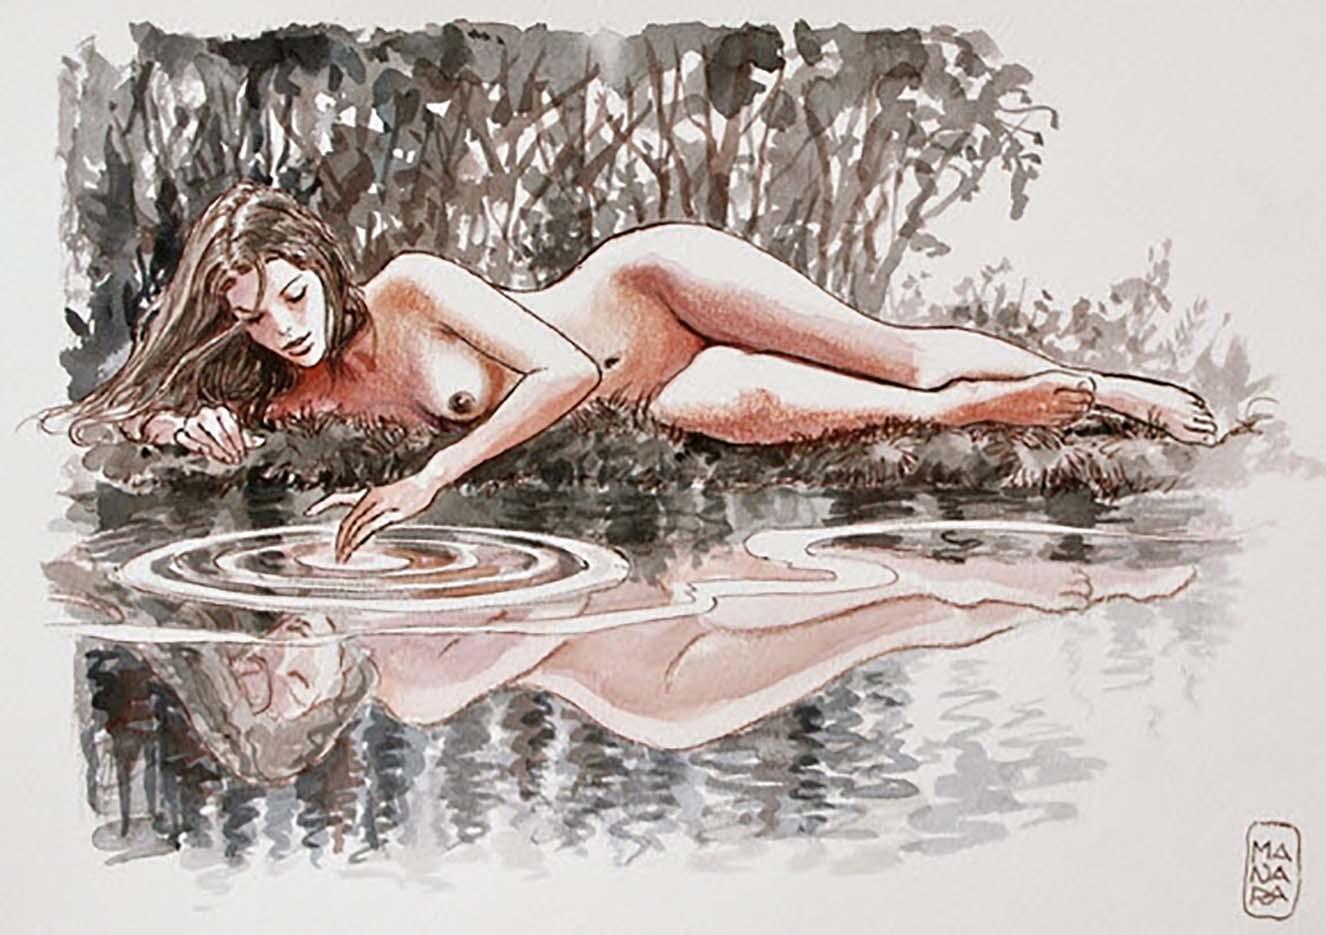 Мило Манара (Milo Manara), Erotic Illustration - 45